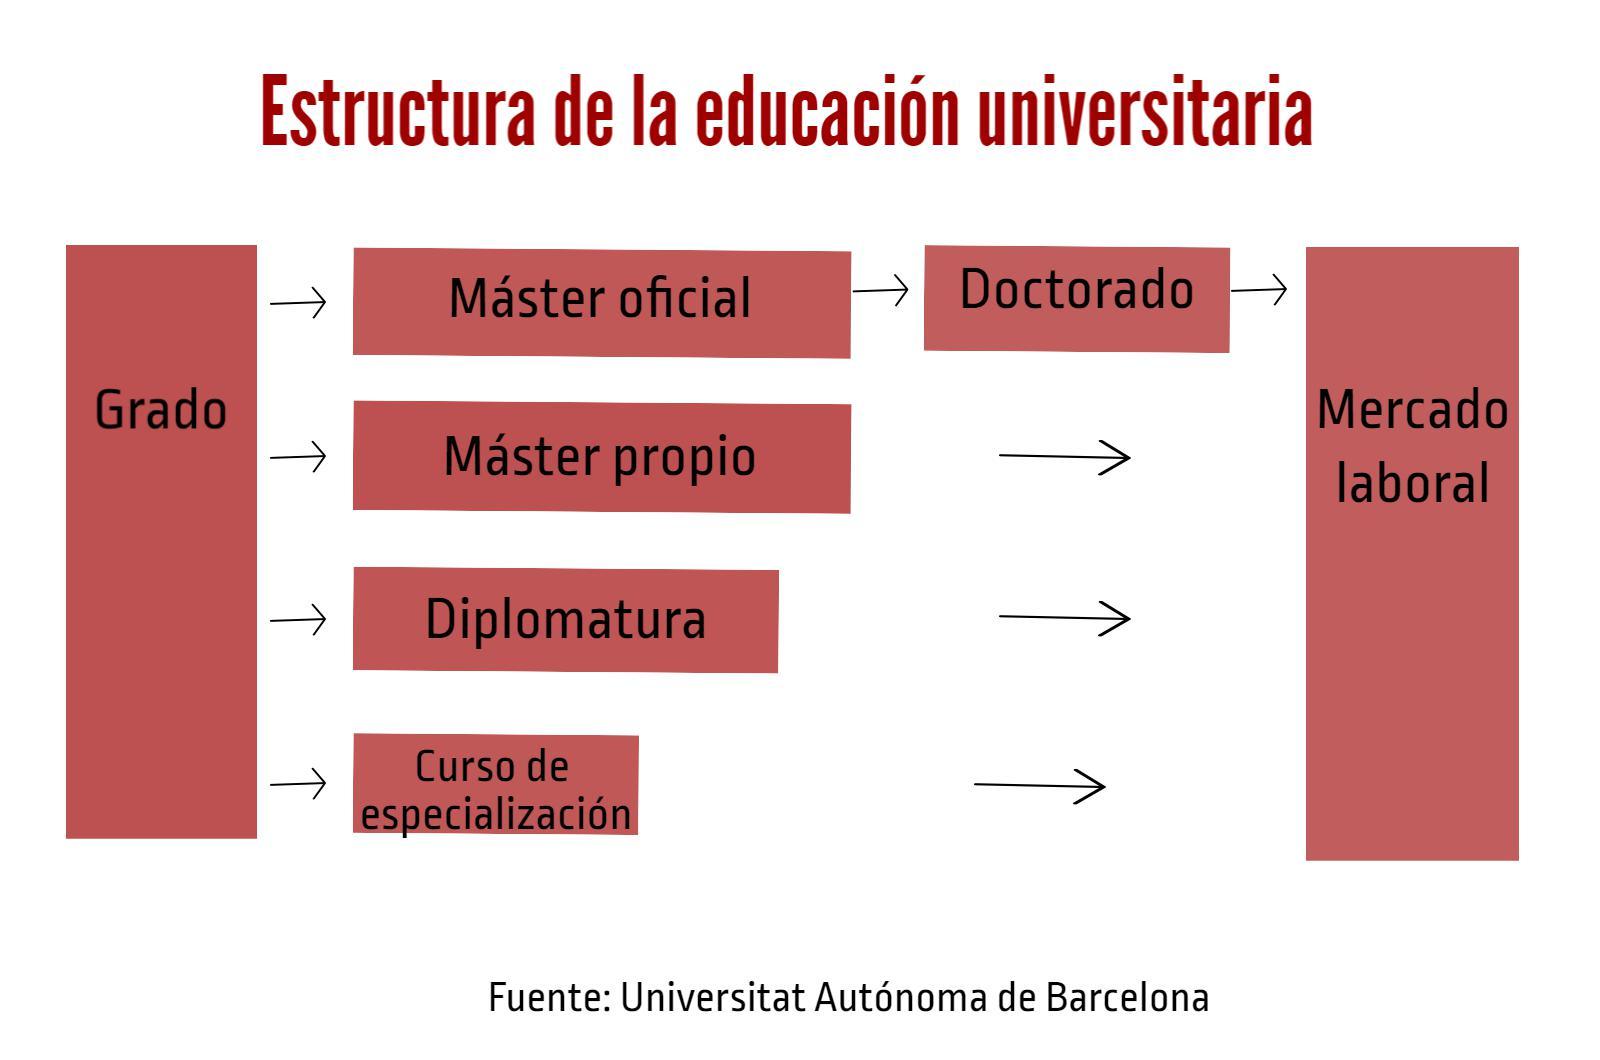 ... siendo el curso de especialización universitaria el de menor nivel para  pasar al siguiente y el doctorado 34b63abbac8f